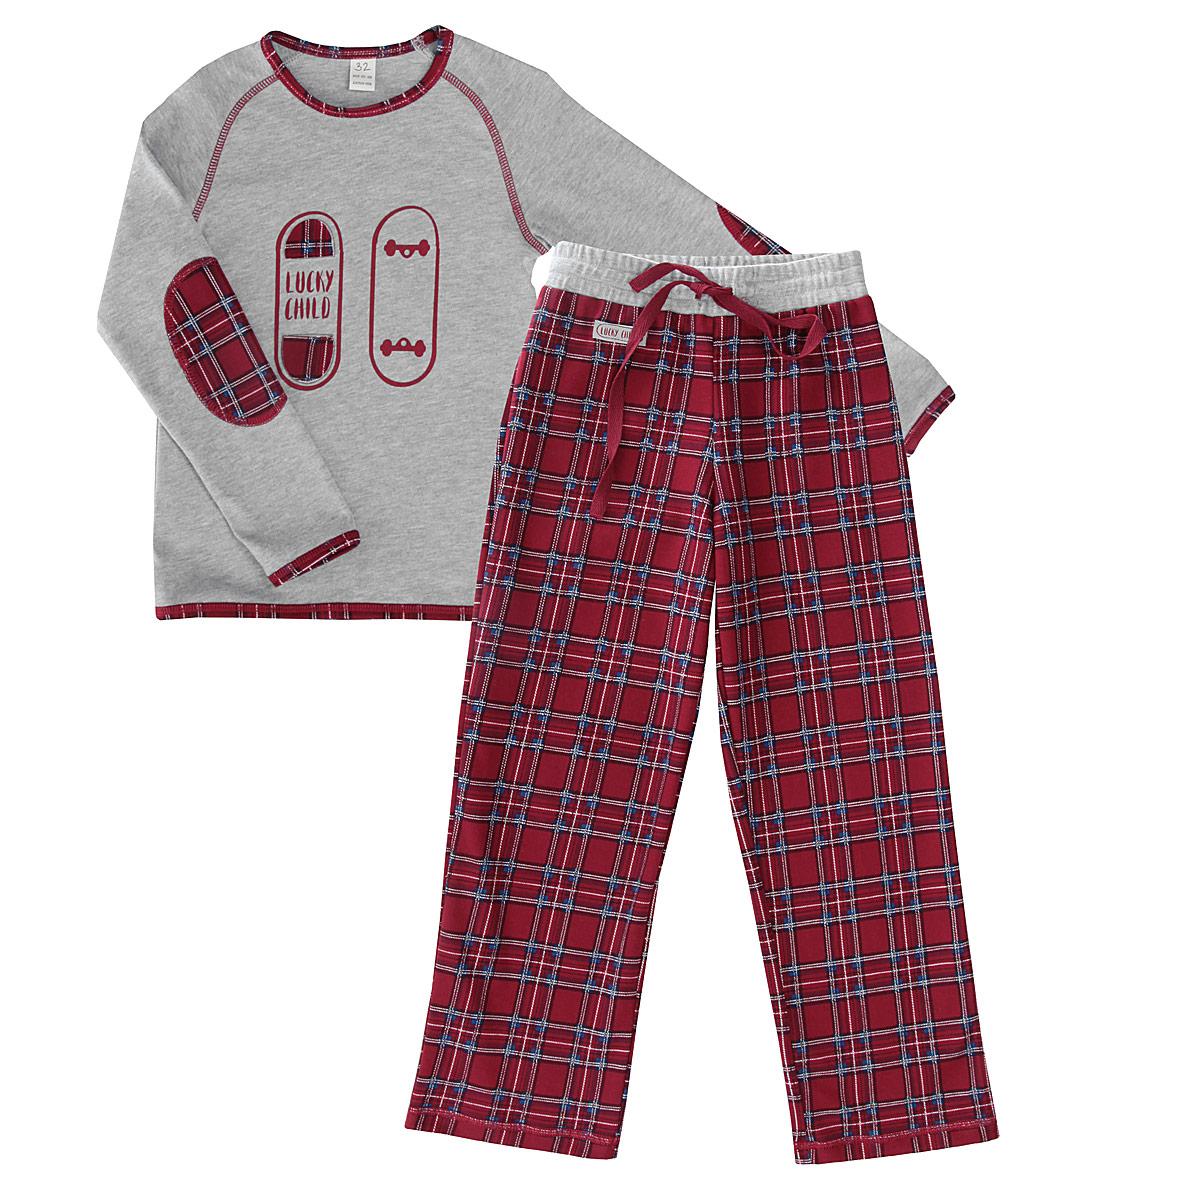 13-400Очаровательная пижама для мальчика Lucky Child, состоящая из джемпера и брюк, идеально подойдет вашему ребенку и станет отличным дополнением к детскому гардеробу. Изготовленная из натурального хлопка, она необычайно мягкая и приятная на ощупь, не раздражает нежную кожу ребенка и хорошо вентилируется, а эластичные швы приятны телу и не препятствуют движениям. Джемпер с длинными рукавами-реглан и круглым вырезом горловины оформлена принтом и аппликацией в виде скейтборда, а также контрастной строчкой. Вырез горловины, края рукавов и низ изделия дополнены трикотажной бейкой контрастного цвета. Рукава оформлены декоративными заплатами с принтом в клетку. Брюки на талии имеют широкую эластичную резинку, регулируемую шнурком, благодаря чему, они не сдавливают живот и не сползают. Оформлено изделие принтом в клетку и декорировано небольшой нашивкой с называнием бренда. Такая пижама идеально подойдет вашему ребенку, а мягкие полотна позволят ему комфортно чувствовать себя во...